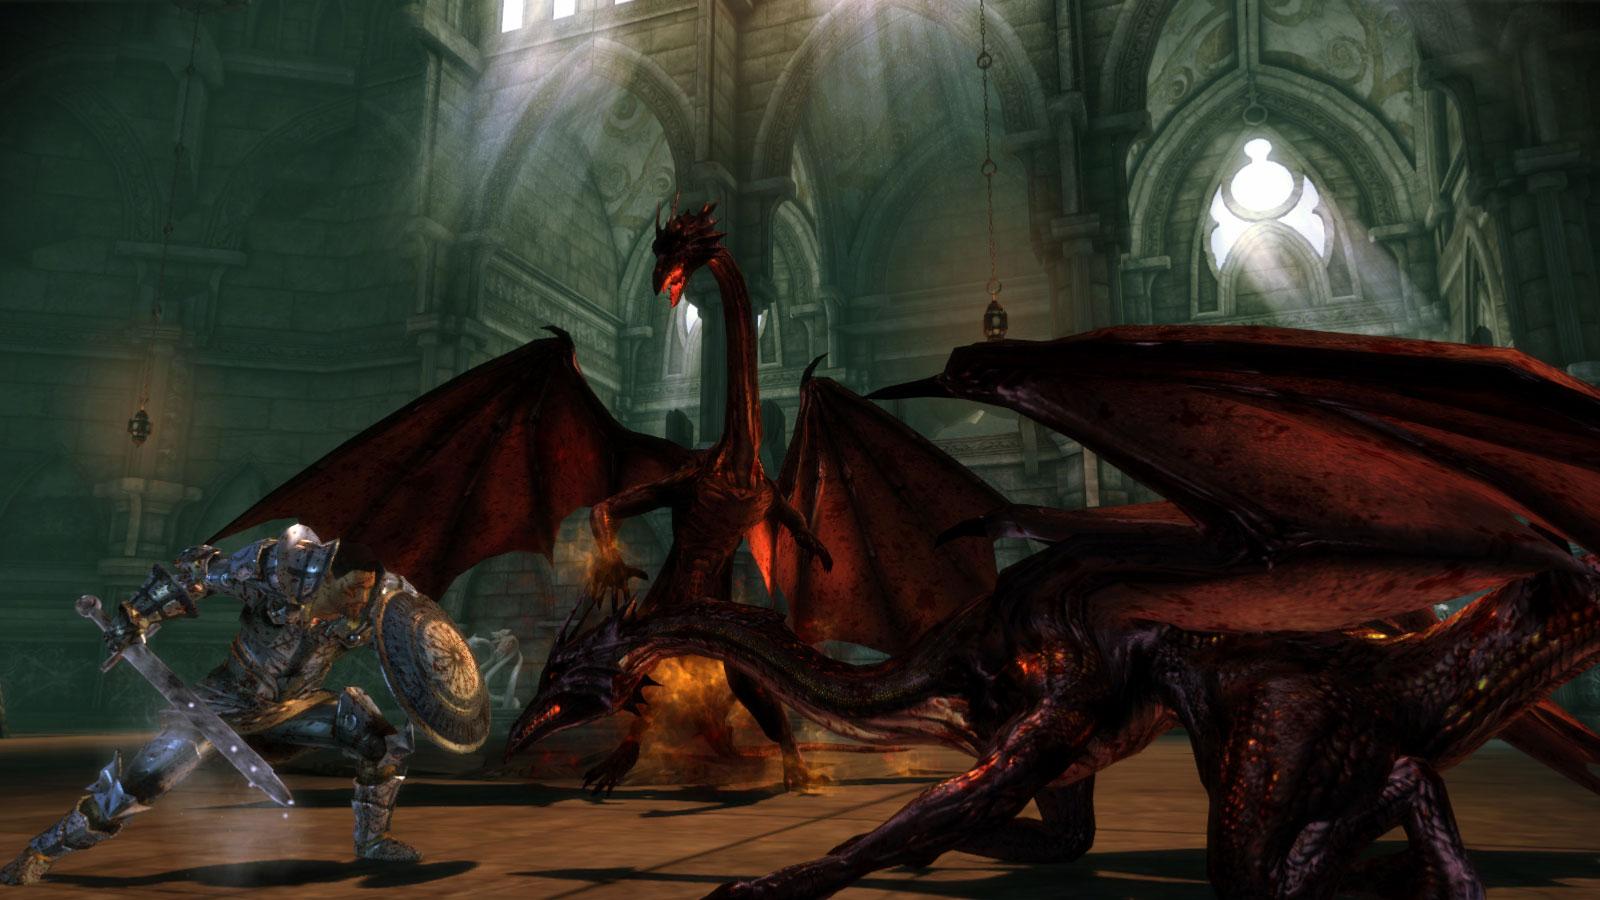 3-dragon-age-awakening-screenshots